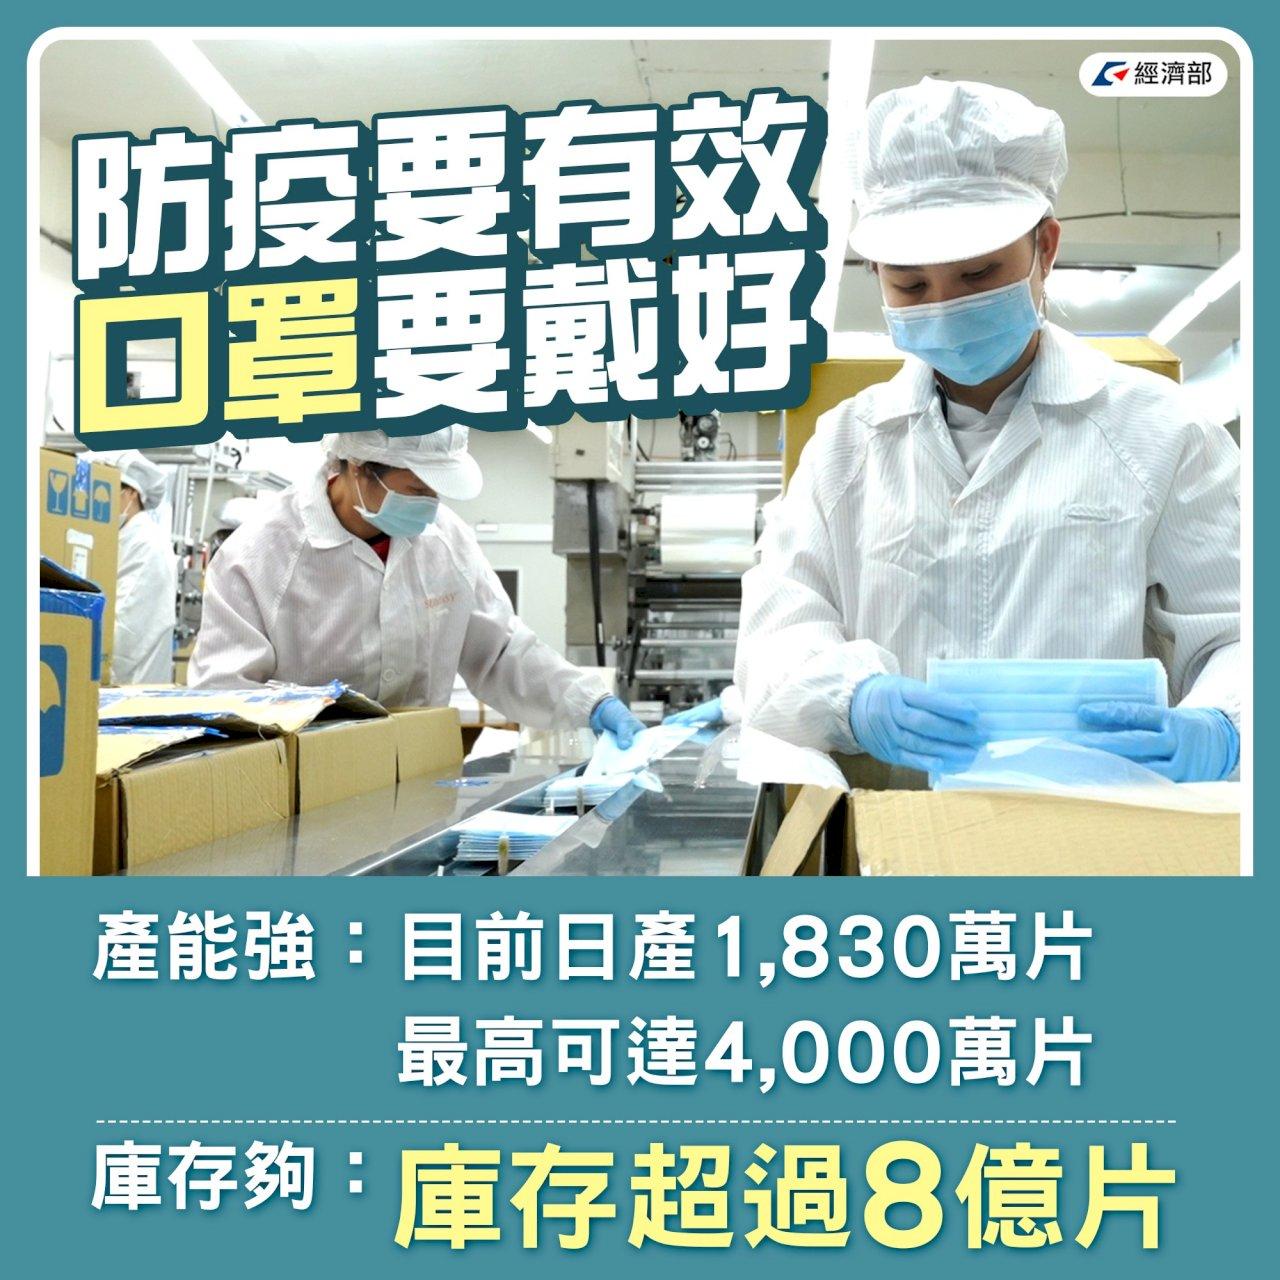 本土疫情升溫 經部:口罩庫存逾8億片絕對足夠